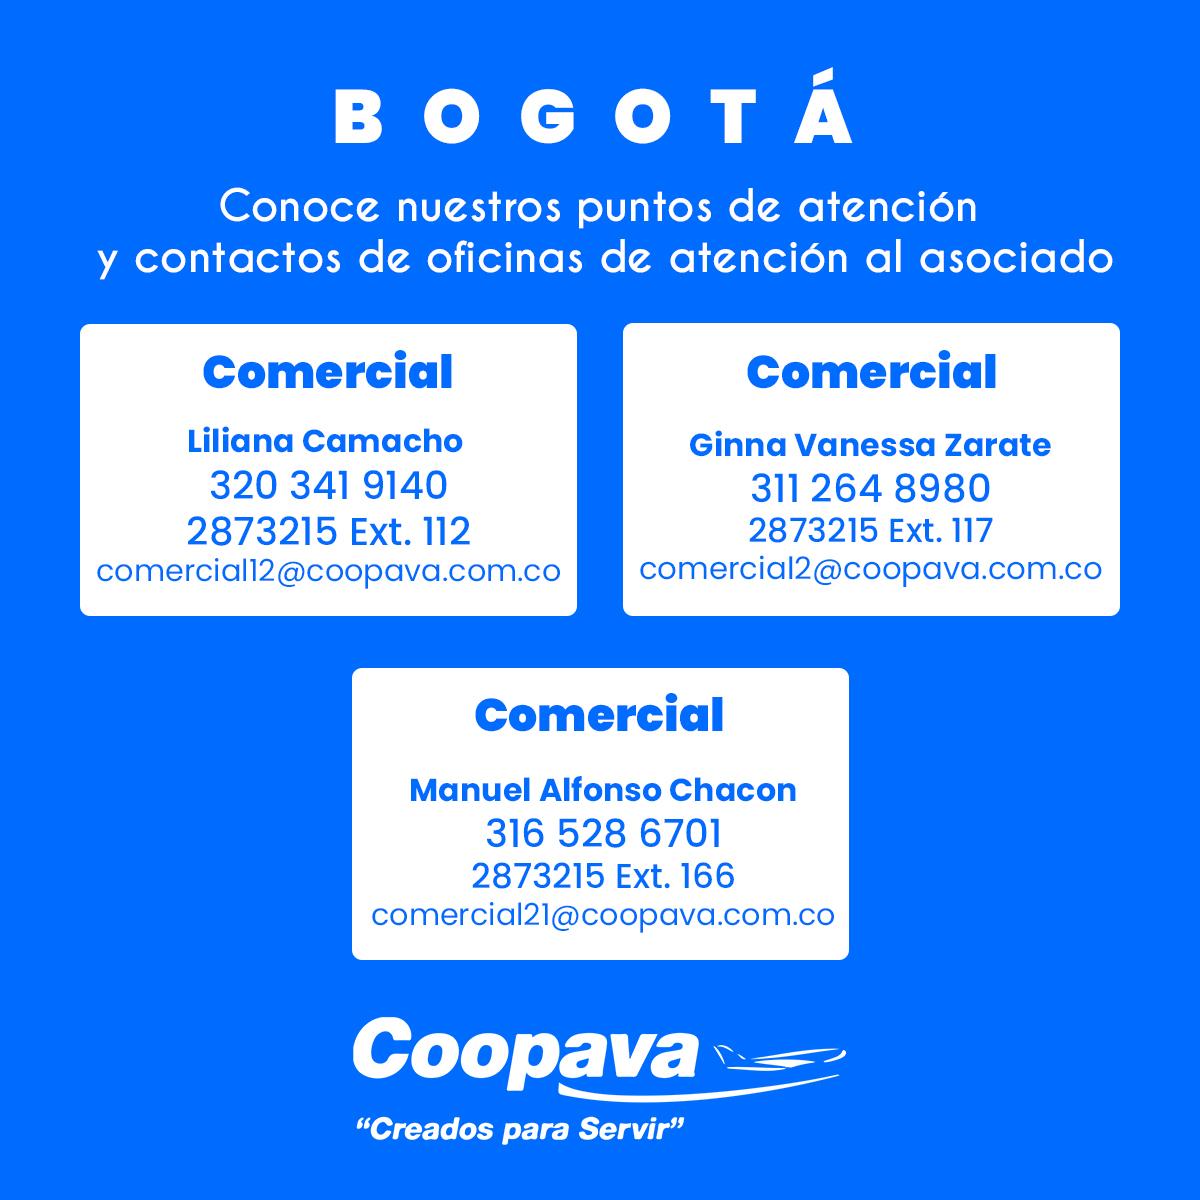 Puntos de Atencion y Contactos Corona1.jpg (472 KB)